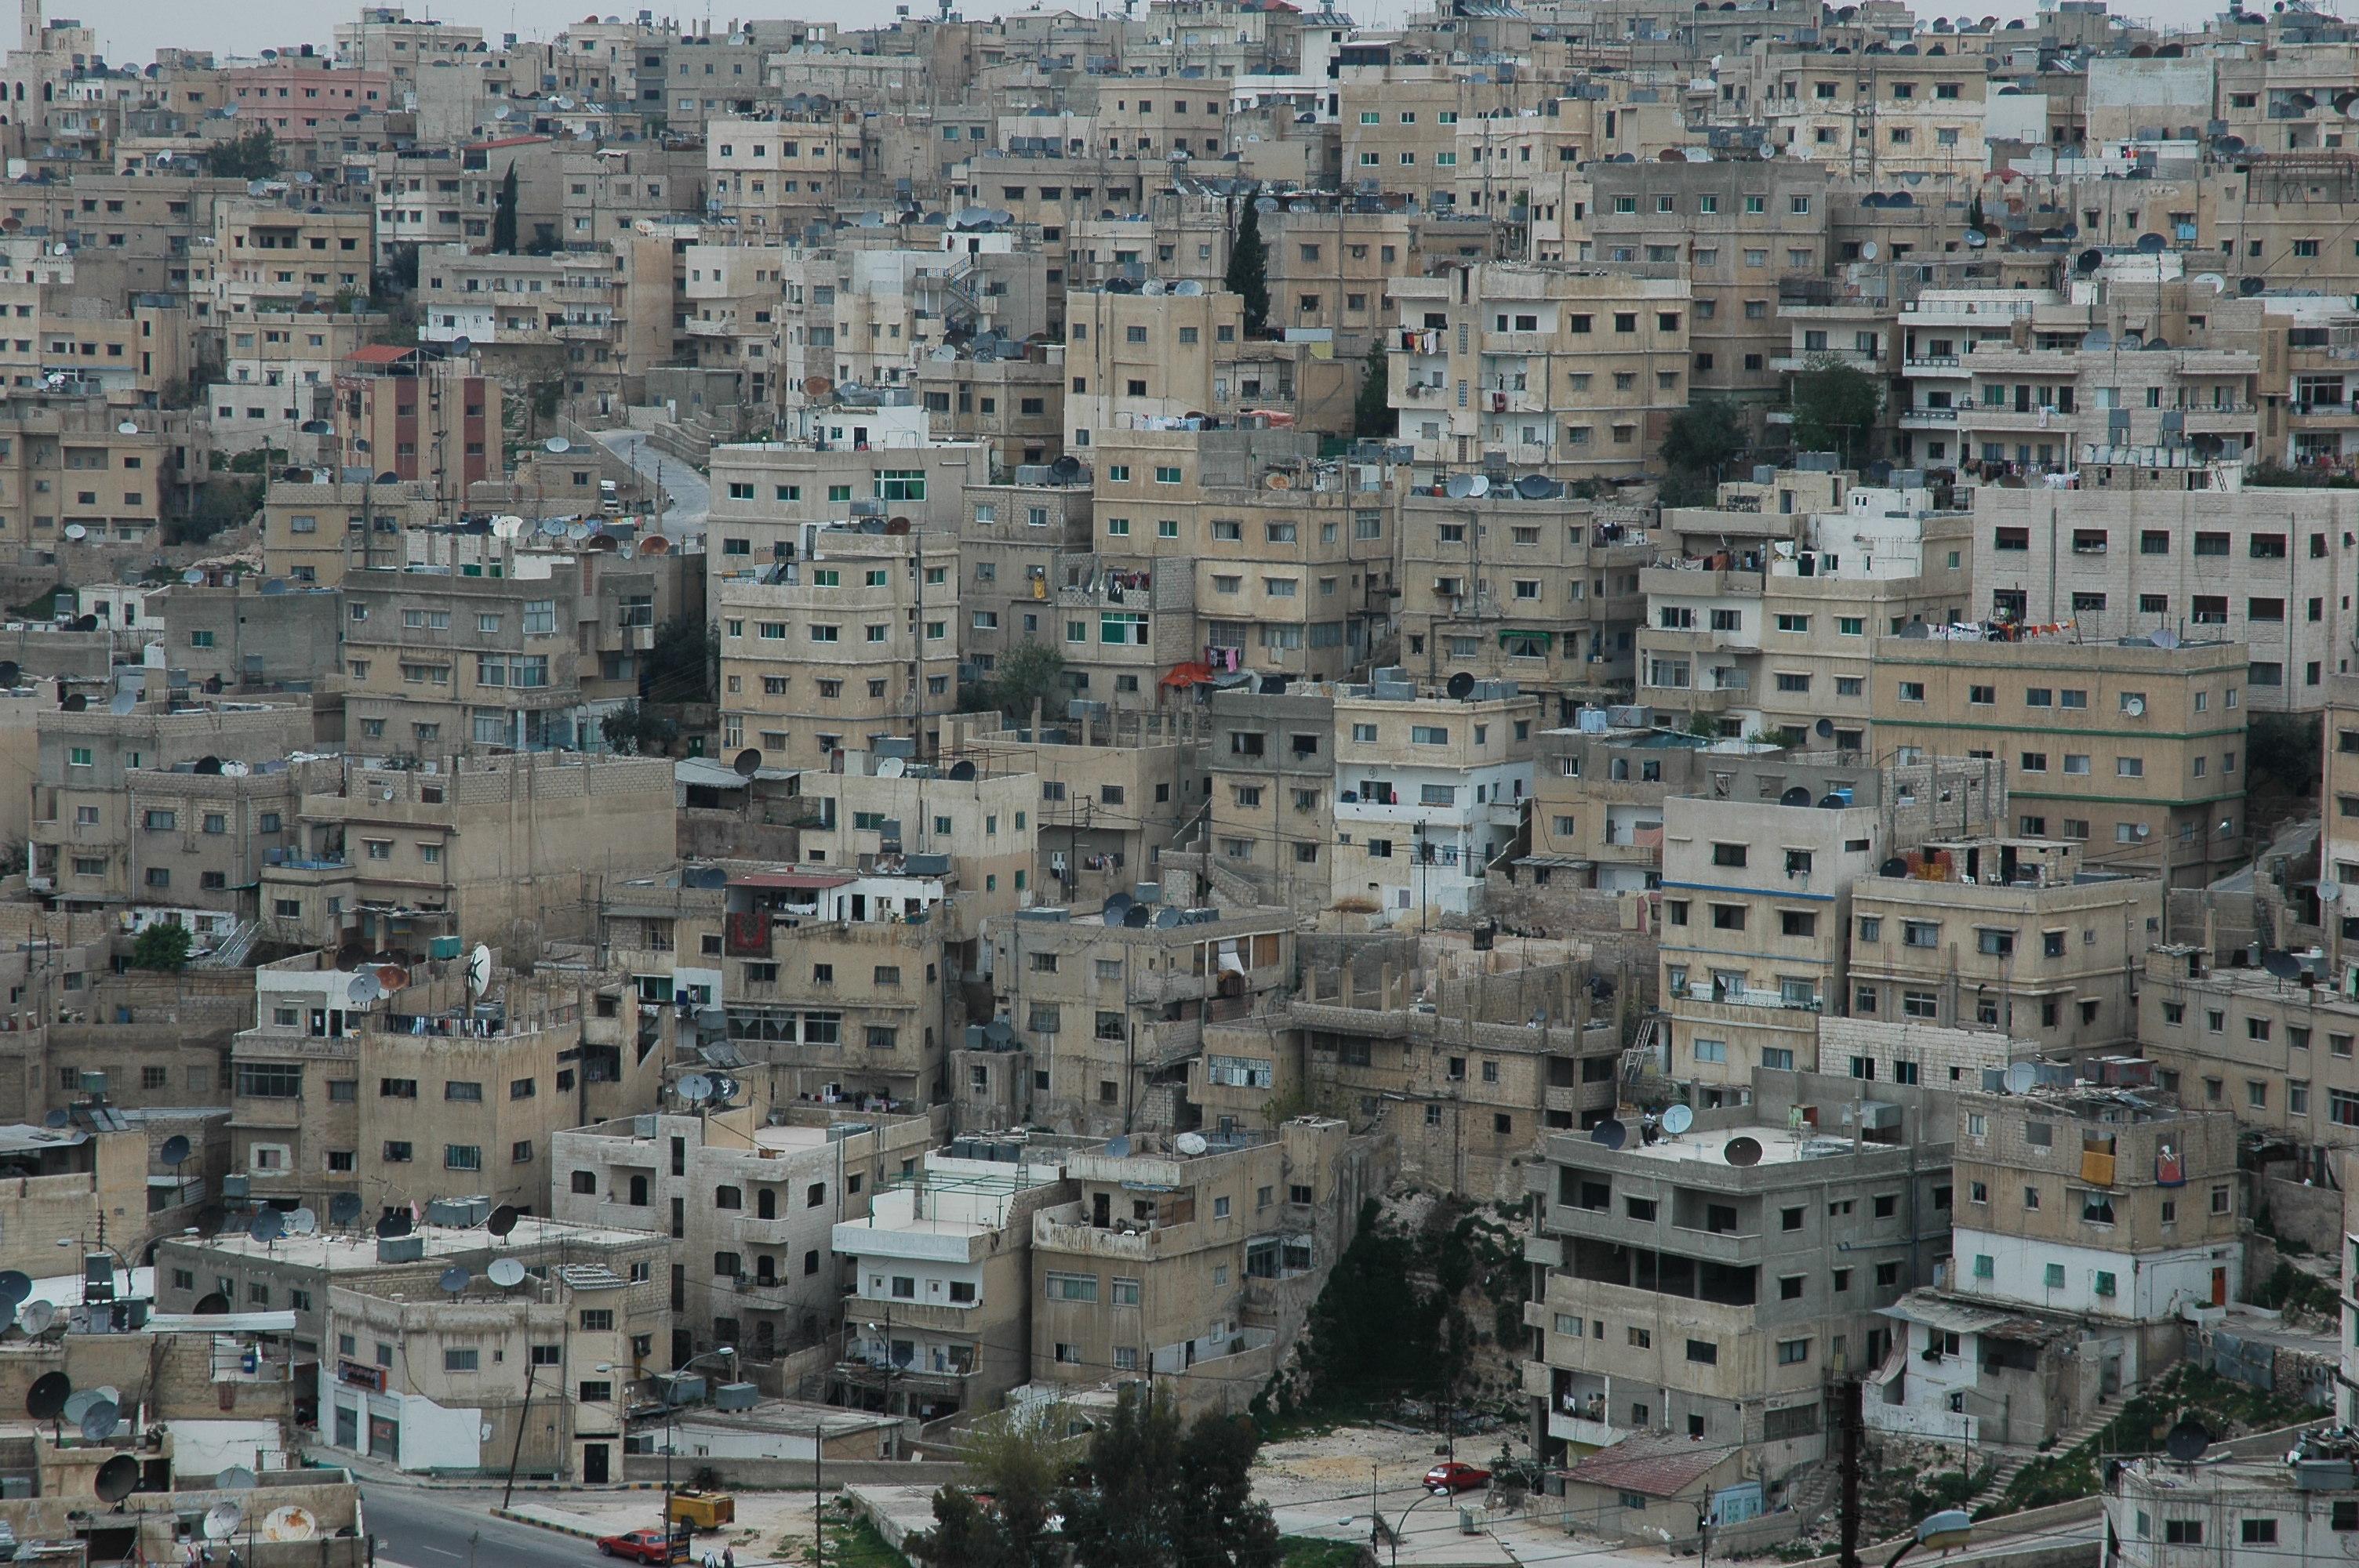 Ciasno ulokowane budynki w Ammanie